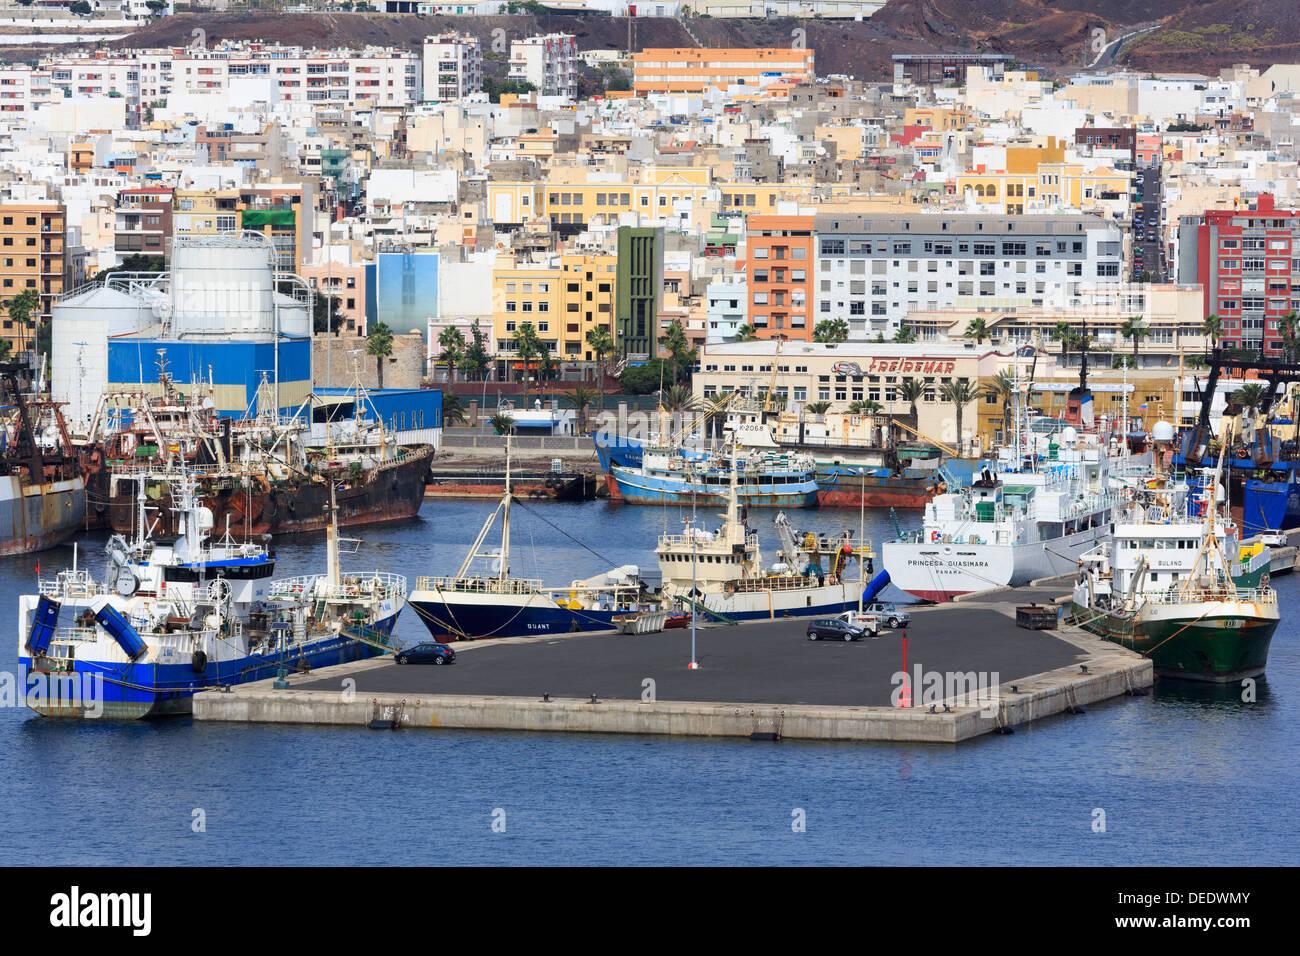 Fishing boats in Santa Catalina Port, Las Palmas City, Gran Canaria Island, Canary Islands, Spain, Atlantic, Europe Stock Photo